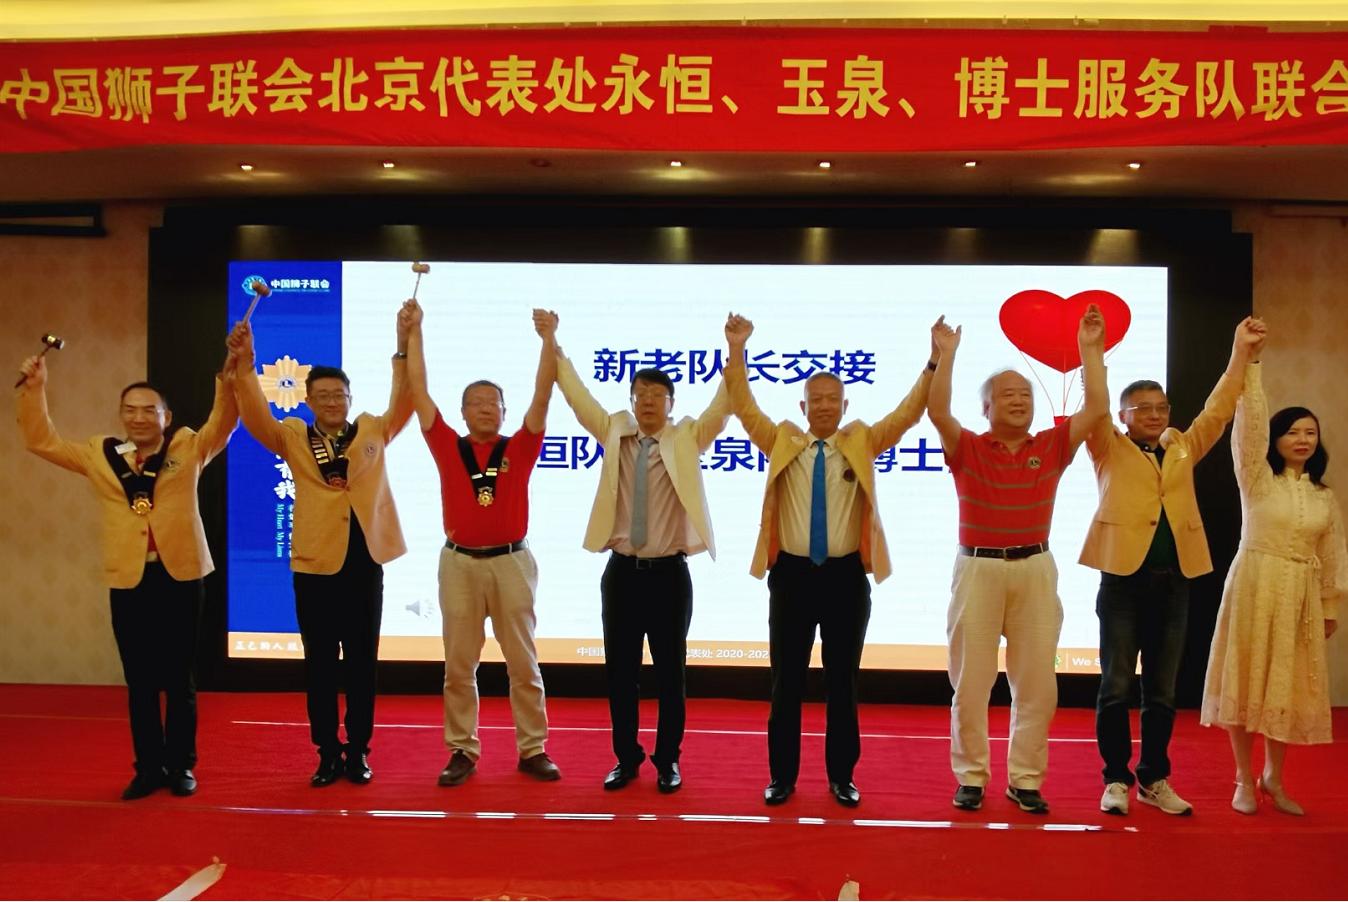 中国狮子联会北京永恒、玉泉、博士服务队联合换届